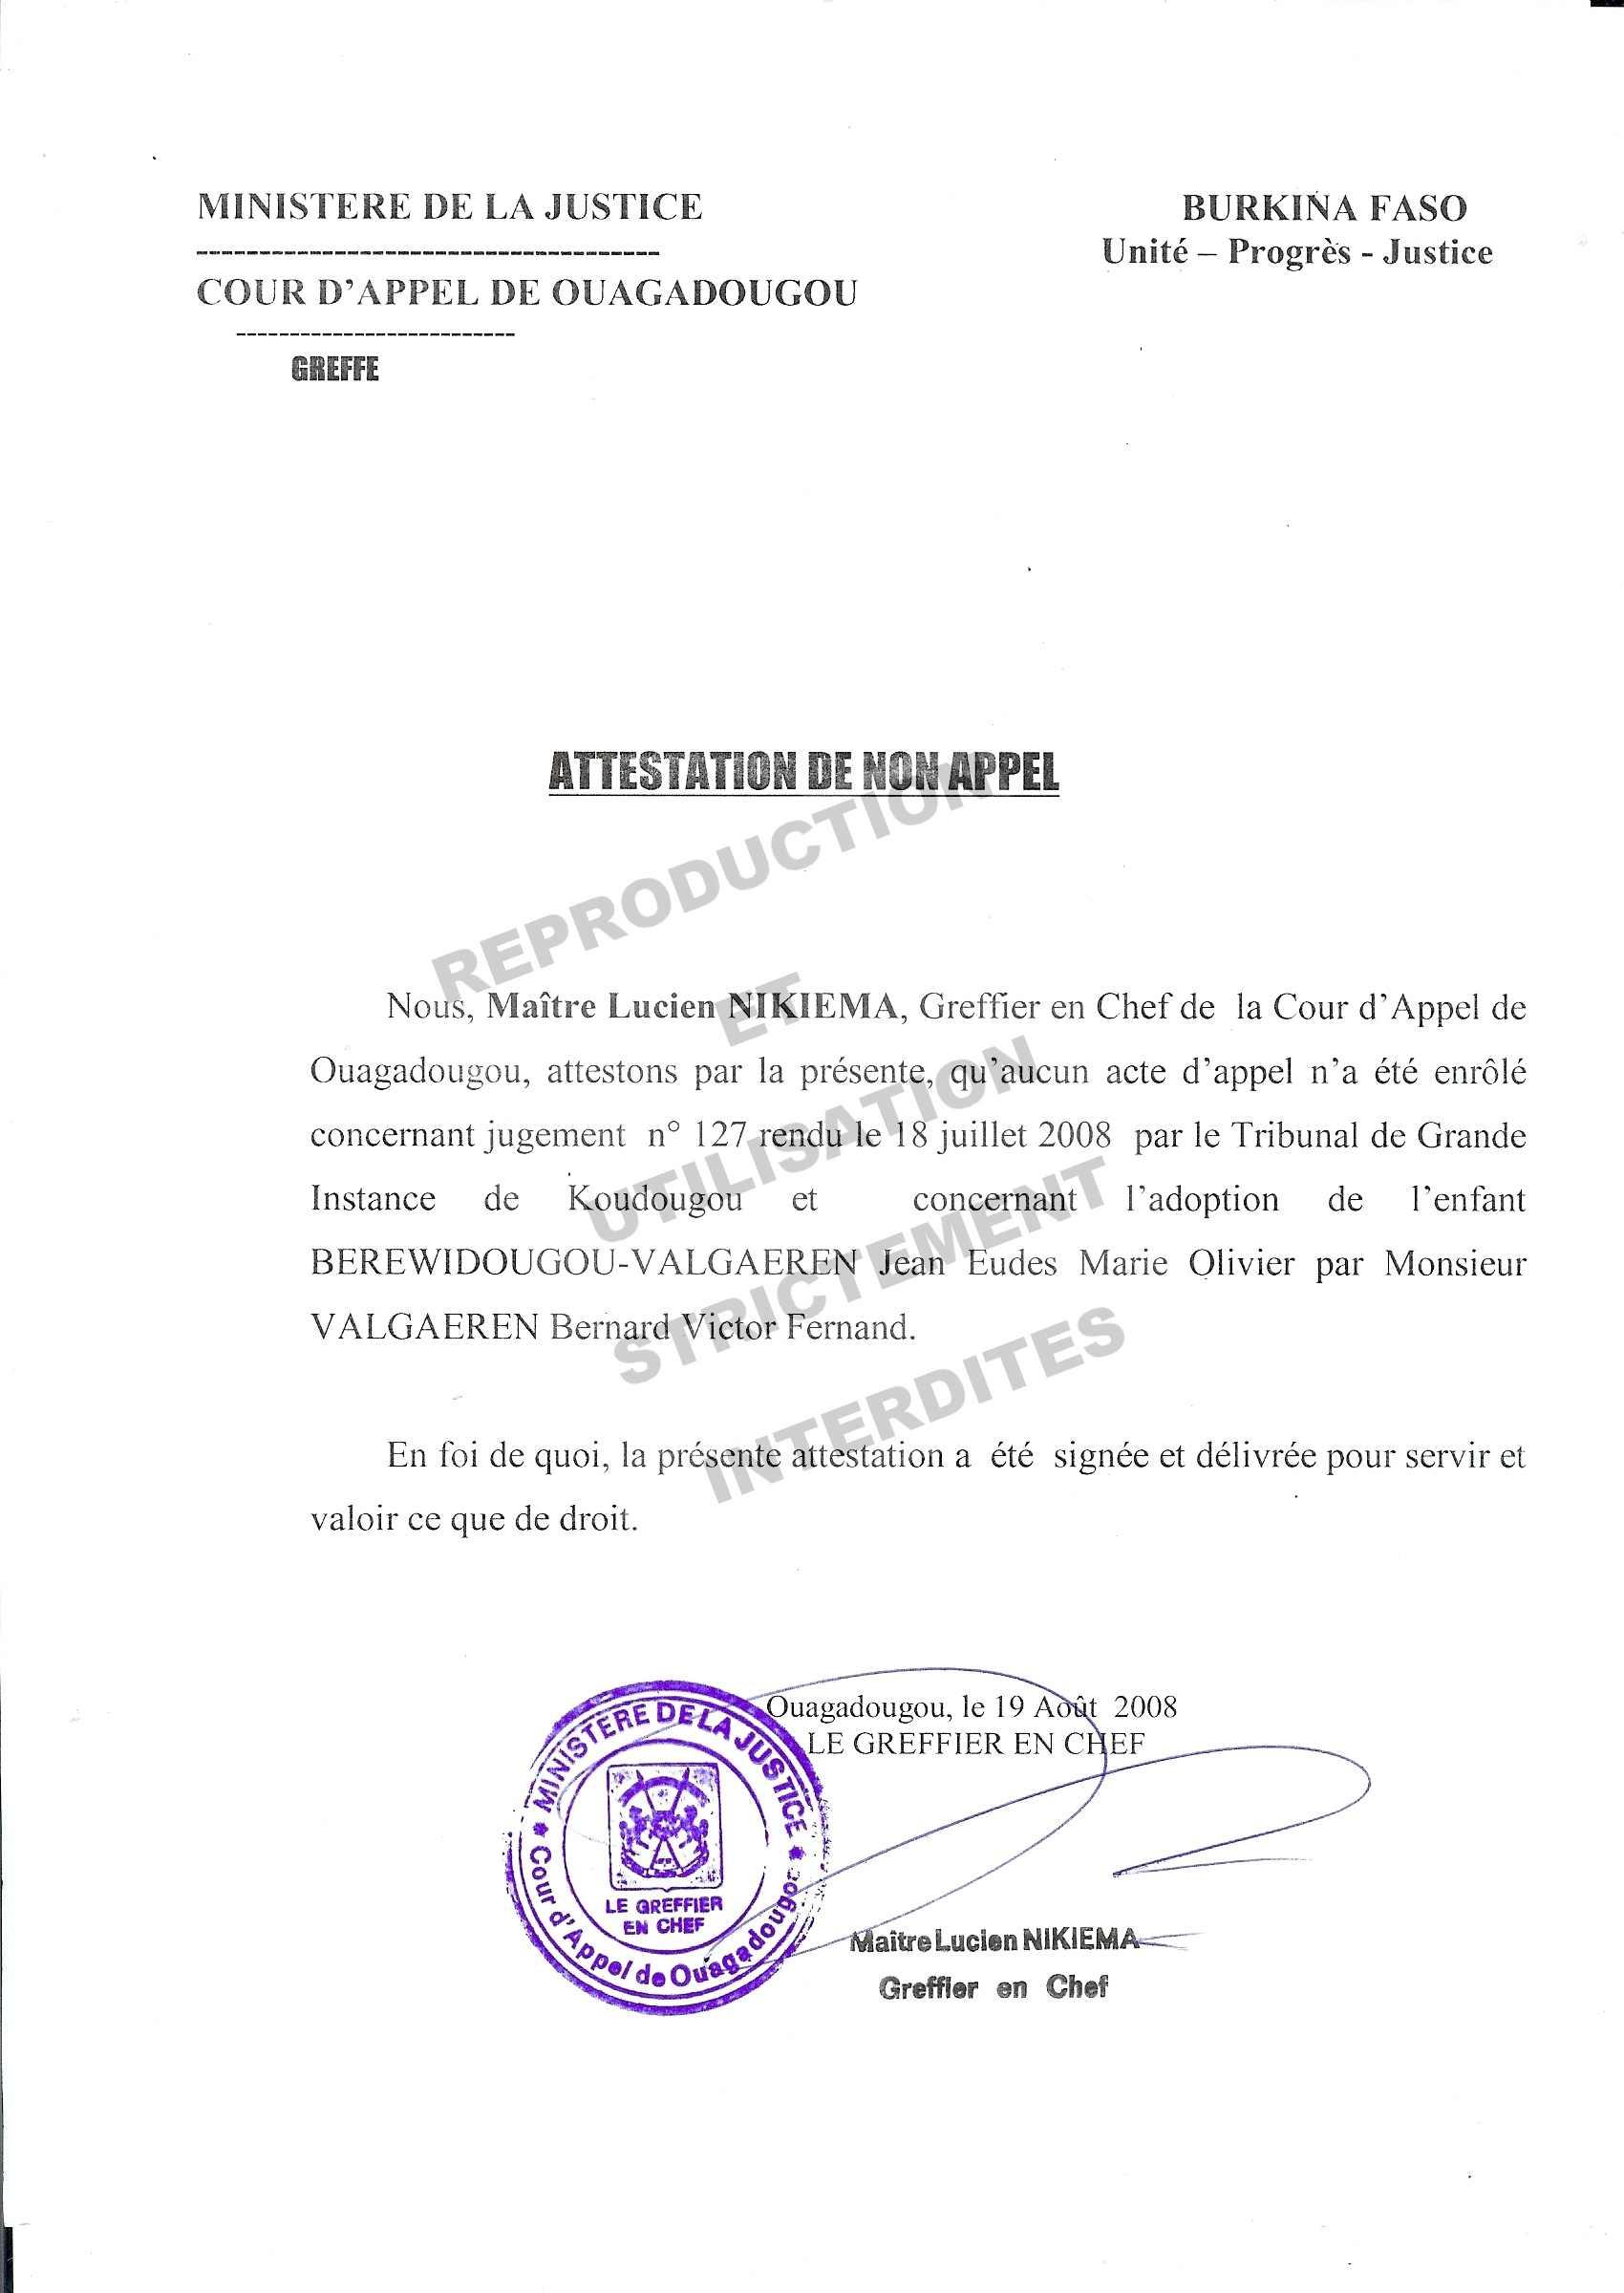 2008 08 19 certificat de non appel au jugement d 39 adoption adoption jean eudes. Black Bedroom Furniture Sets. Home Design Ideas